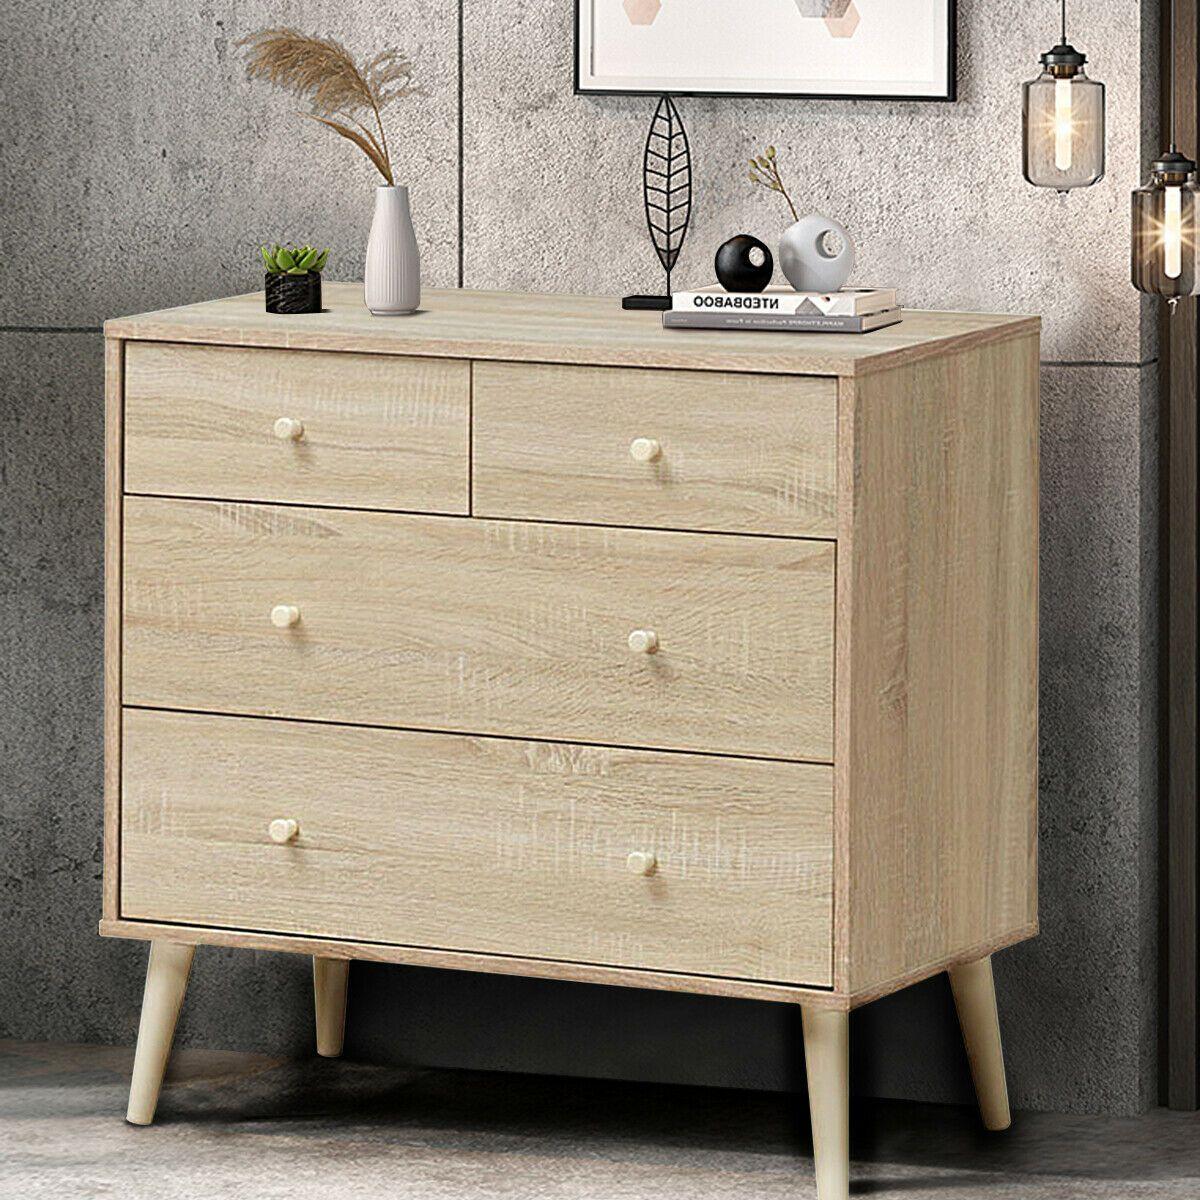 4 Drawer Dresser Cabinet Storage Organizer Rubber Leg With Rail In 2020 Storage Cabinets 4 Drawer Dresser Dresser Drawers